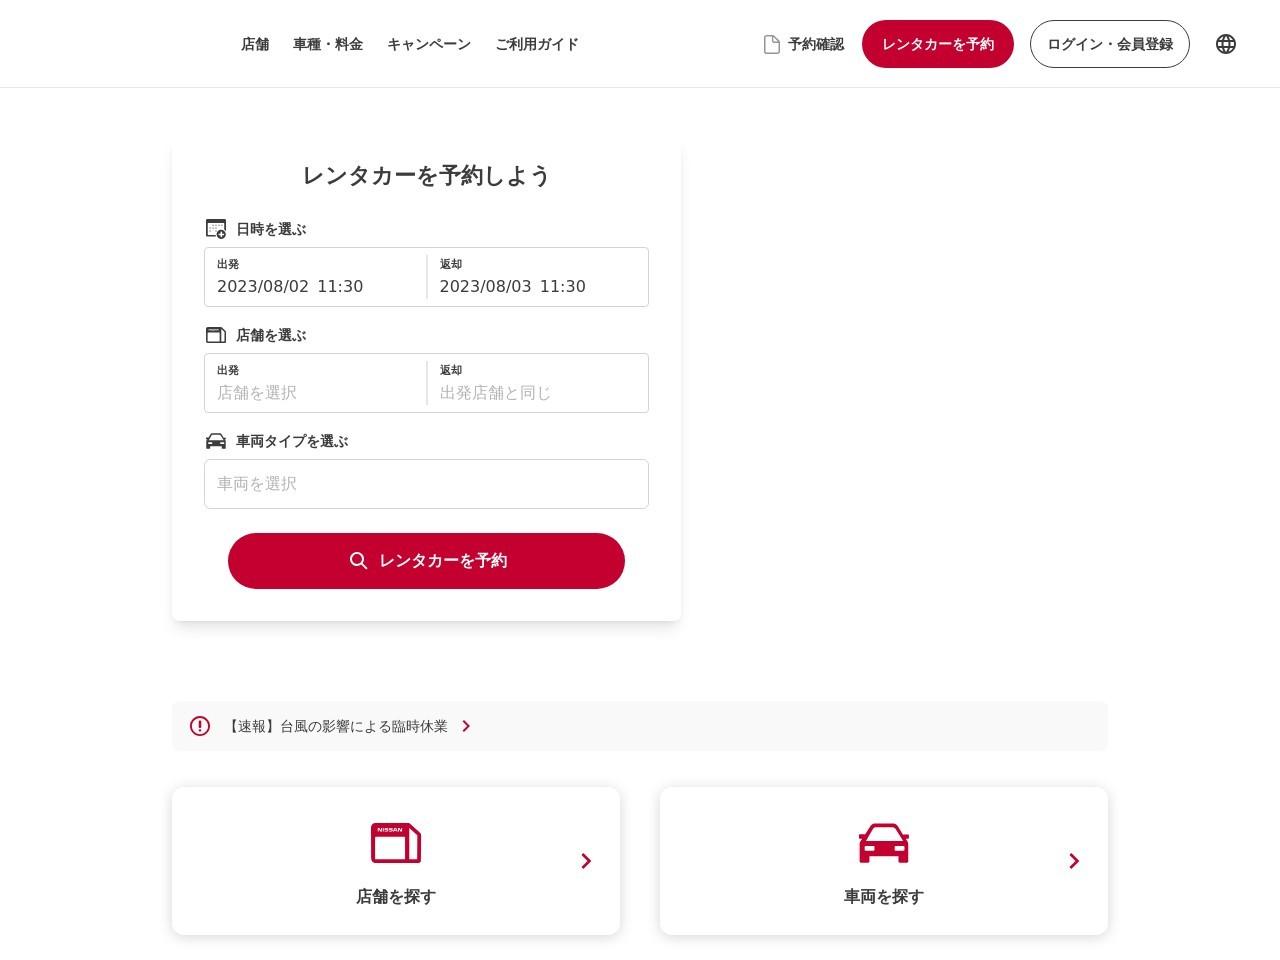 日産レンタカー/新橋店